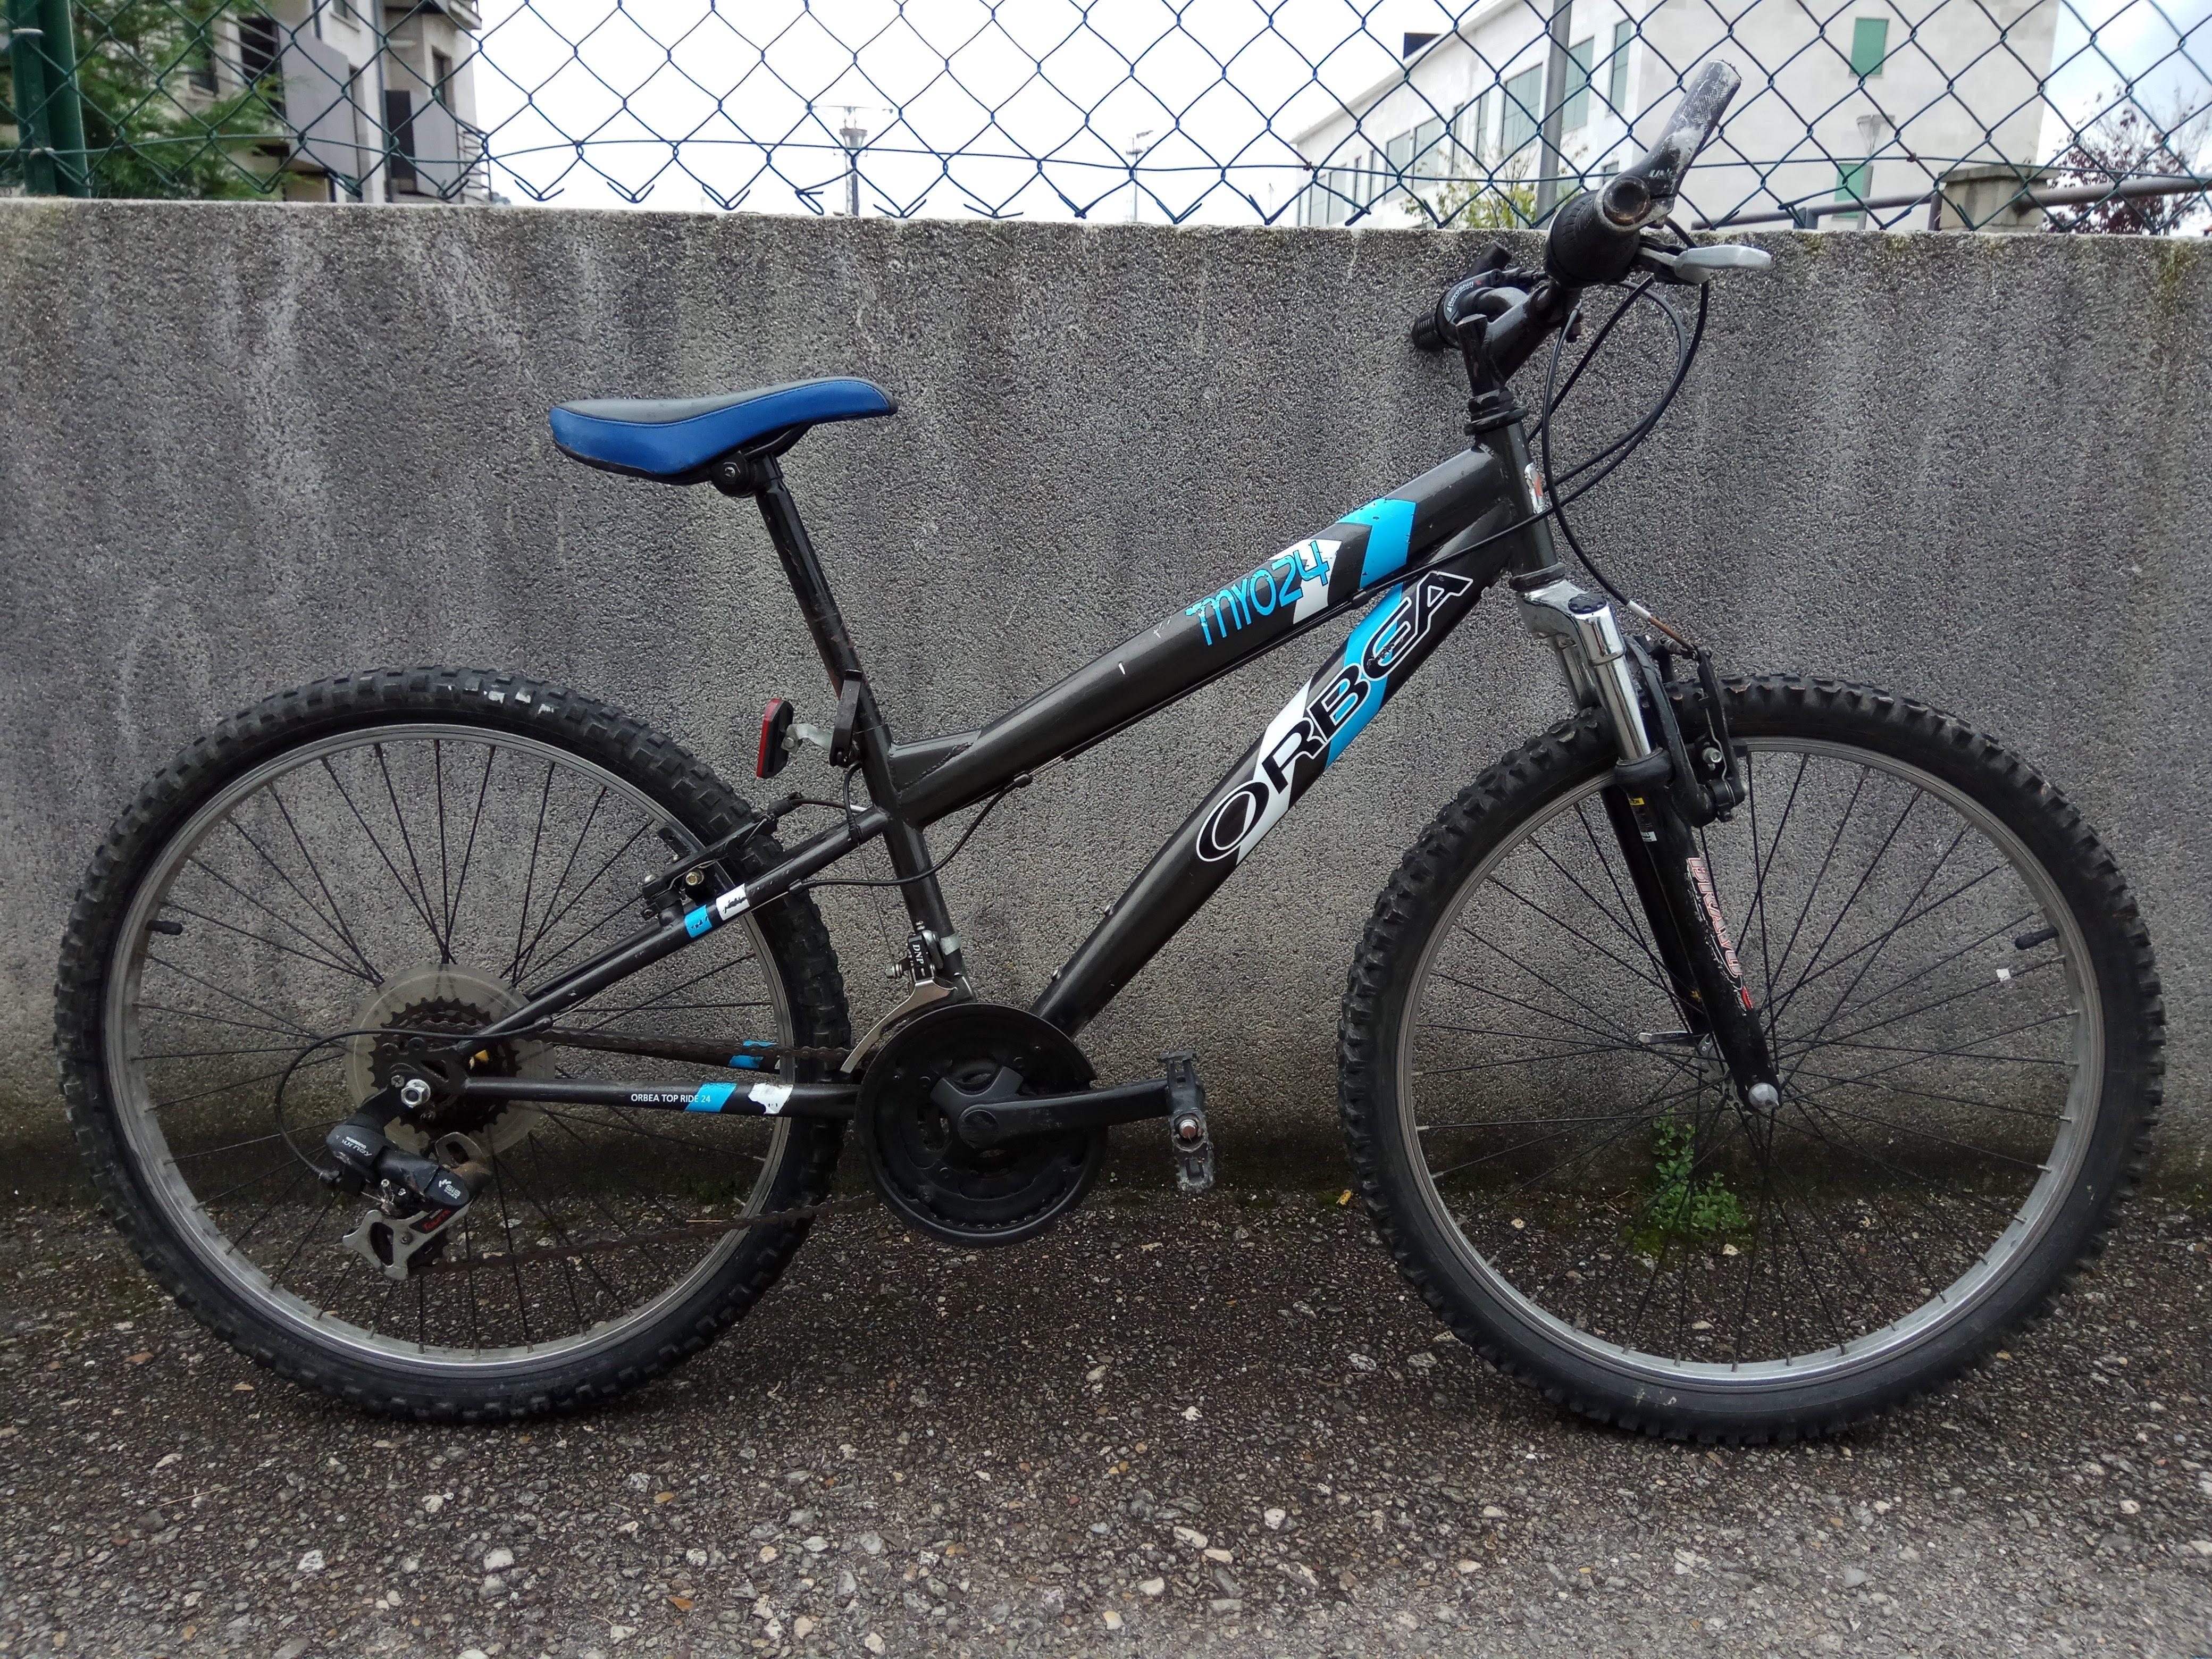 Orbea Myo24 para Reparar 70€ Vendo bicicleta de montaña Orbea modelo ...